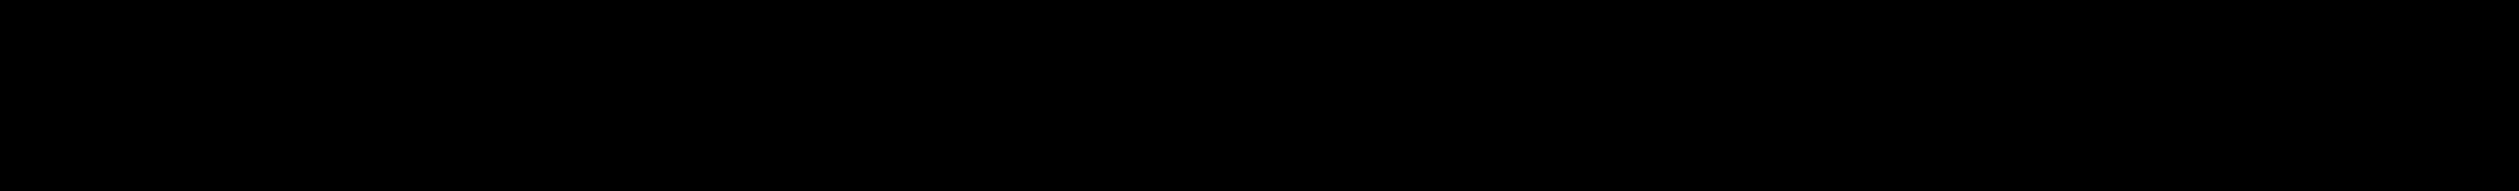 YWFT Unisect Light Oblique